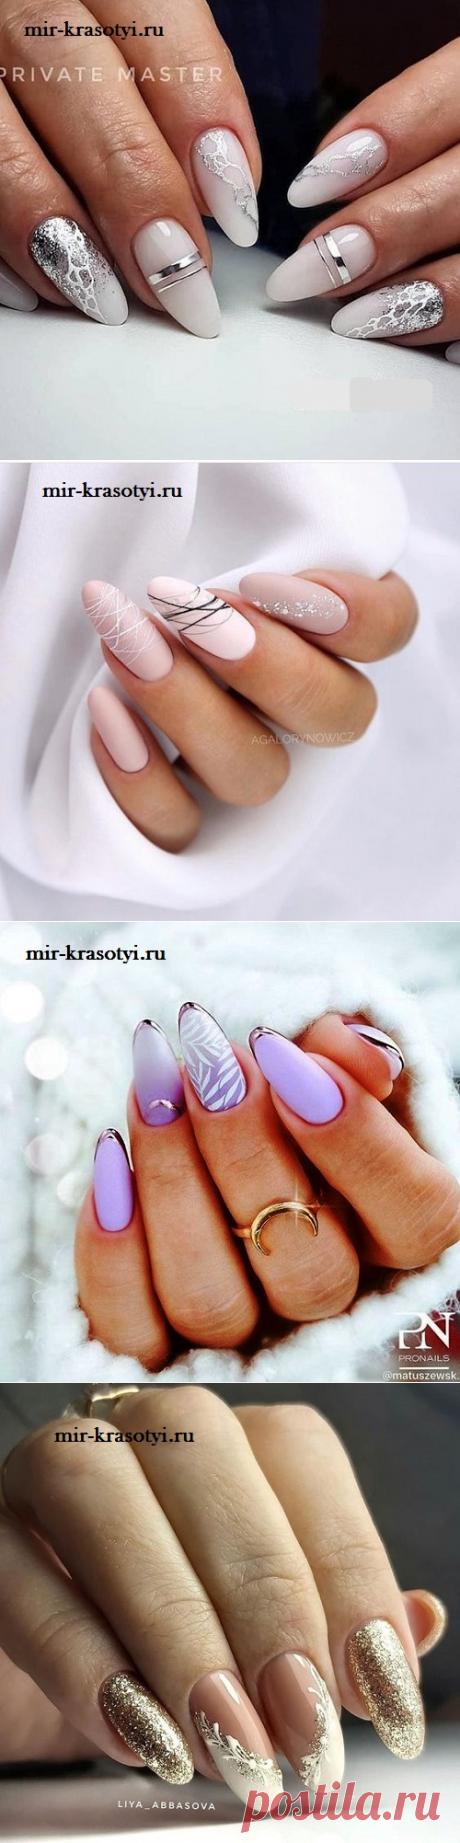 30 лучших дизайна ногтей на лето